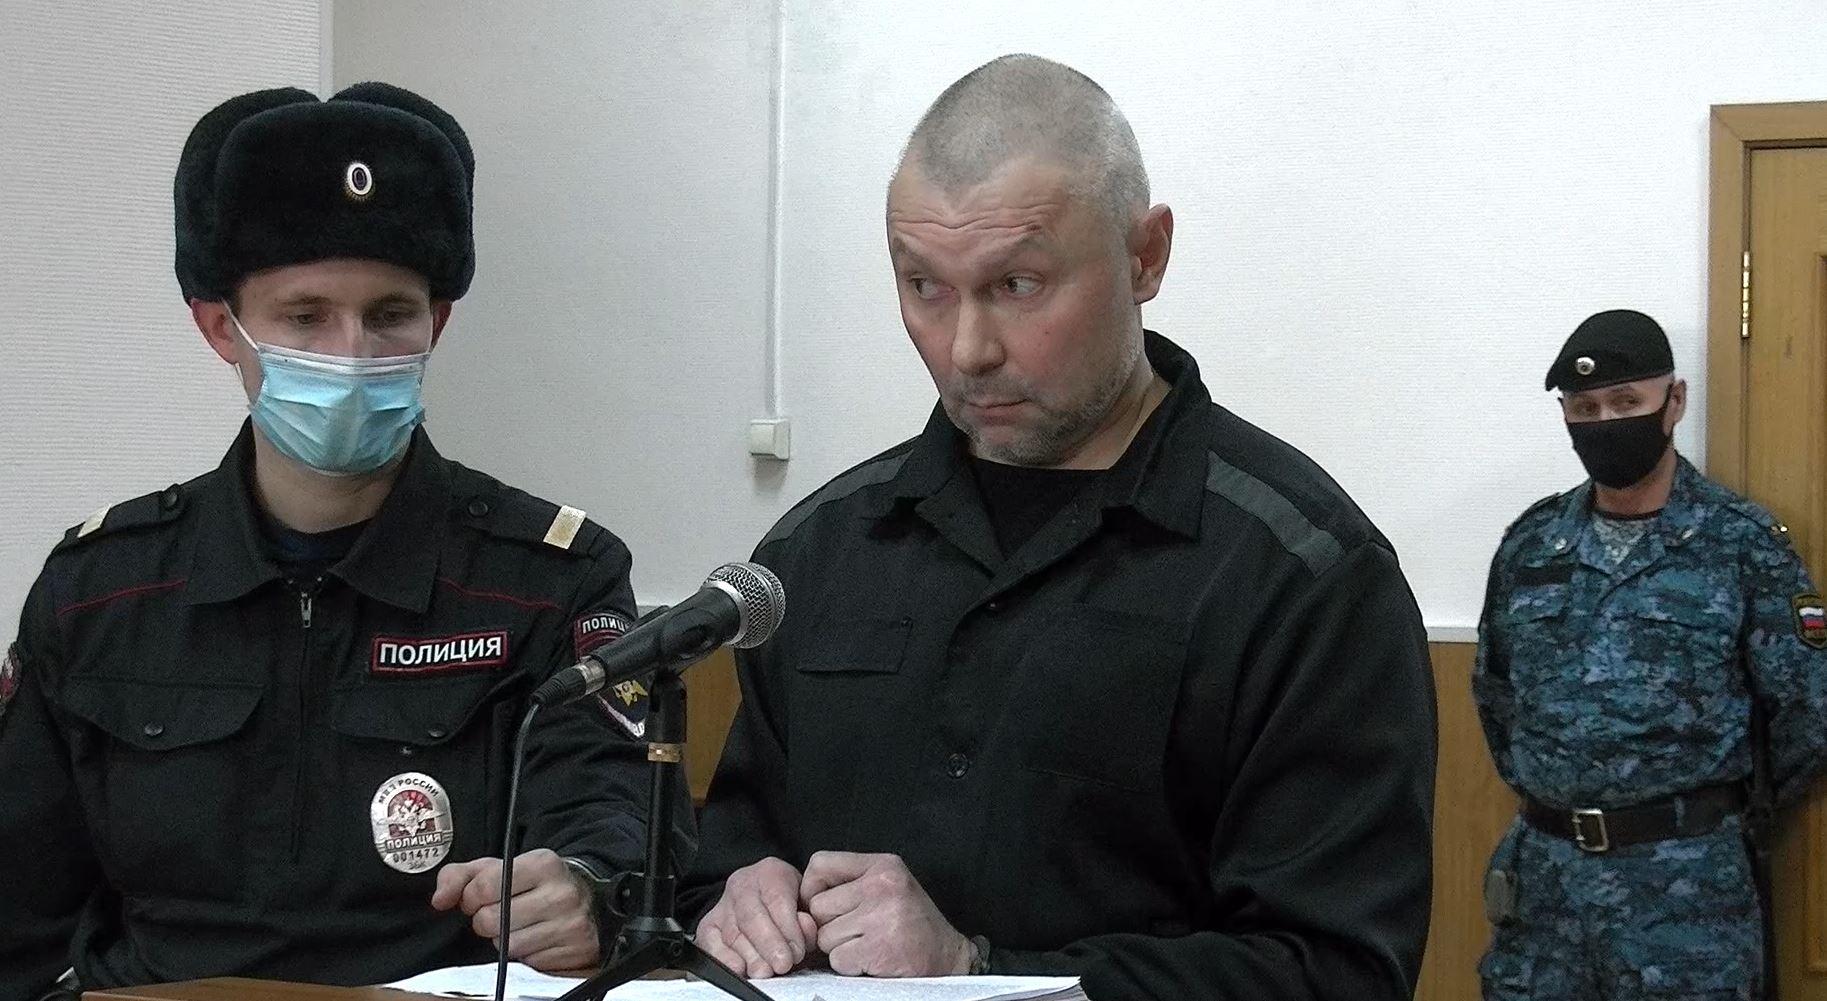 Ведера vs Тахи. Восьмая серия: про убийц депутата Баранова и про ГИБДД, потакавшую угонщикам